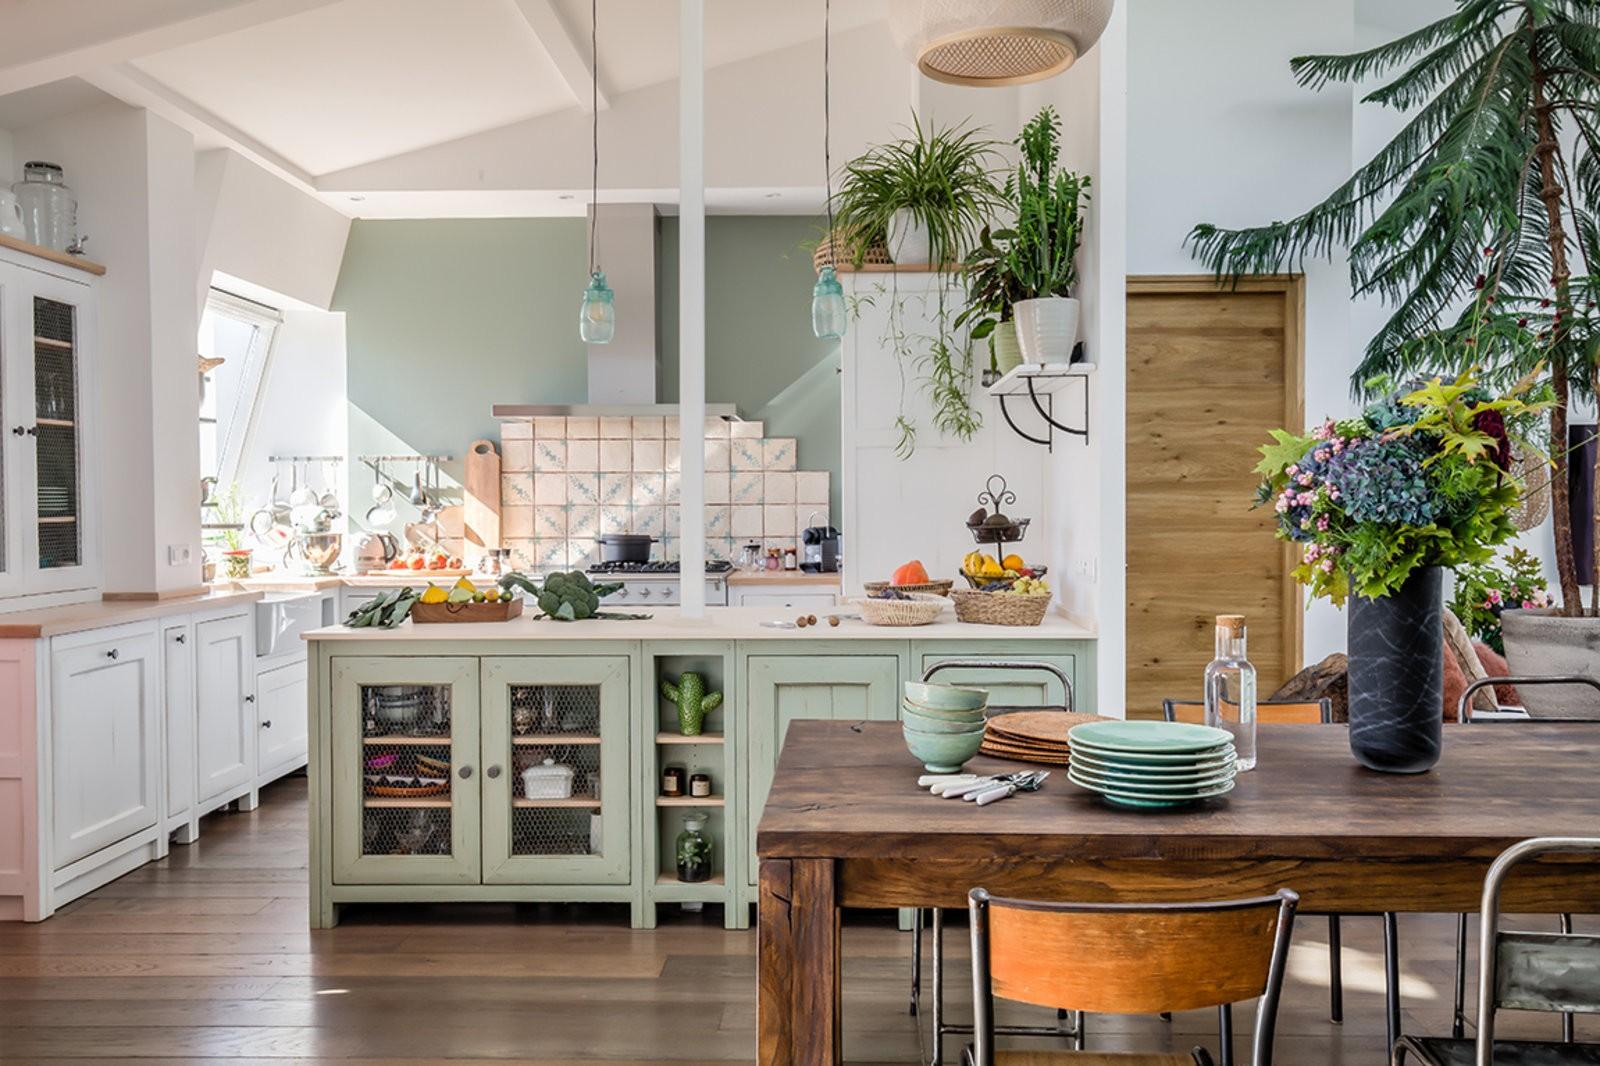 Une cuisine végétale et décorée avec goûts. Cette cuisine la campagne bohème. Parfaite pour accueillir vos réunions.